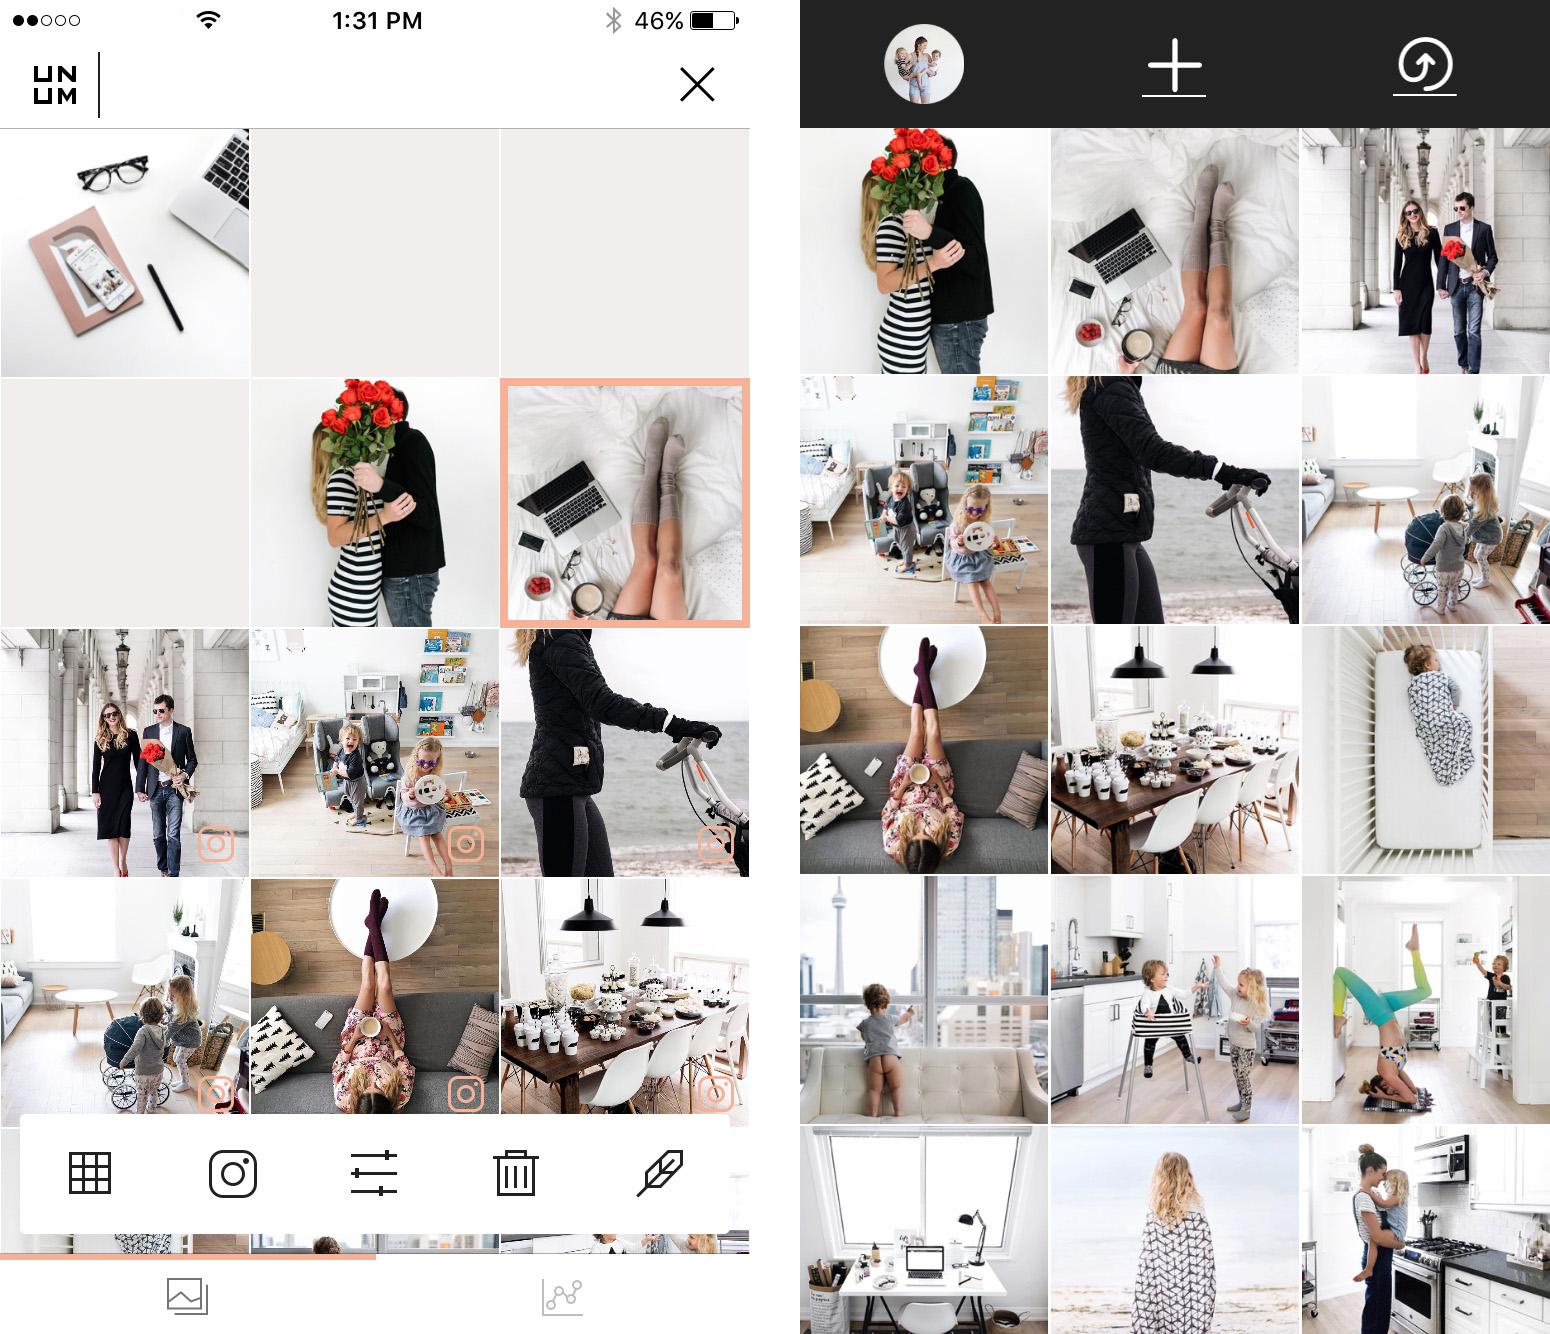 melhores aplicações de edição de fotos - UNUM